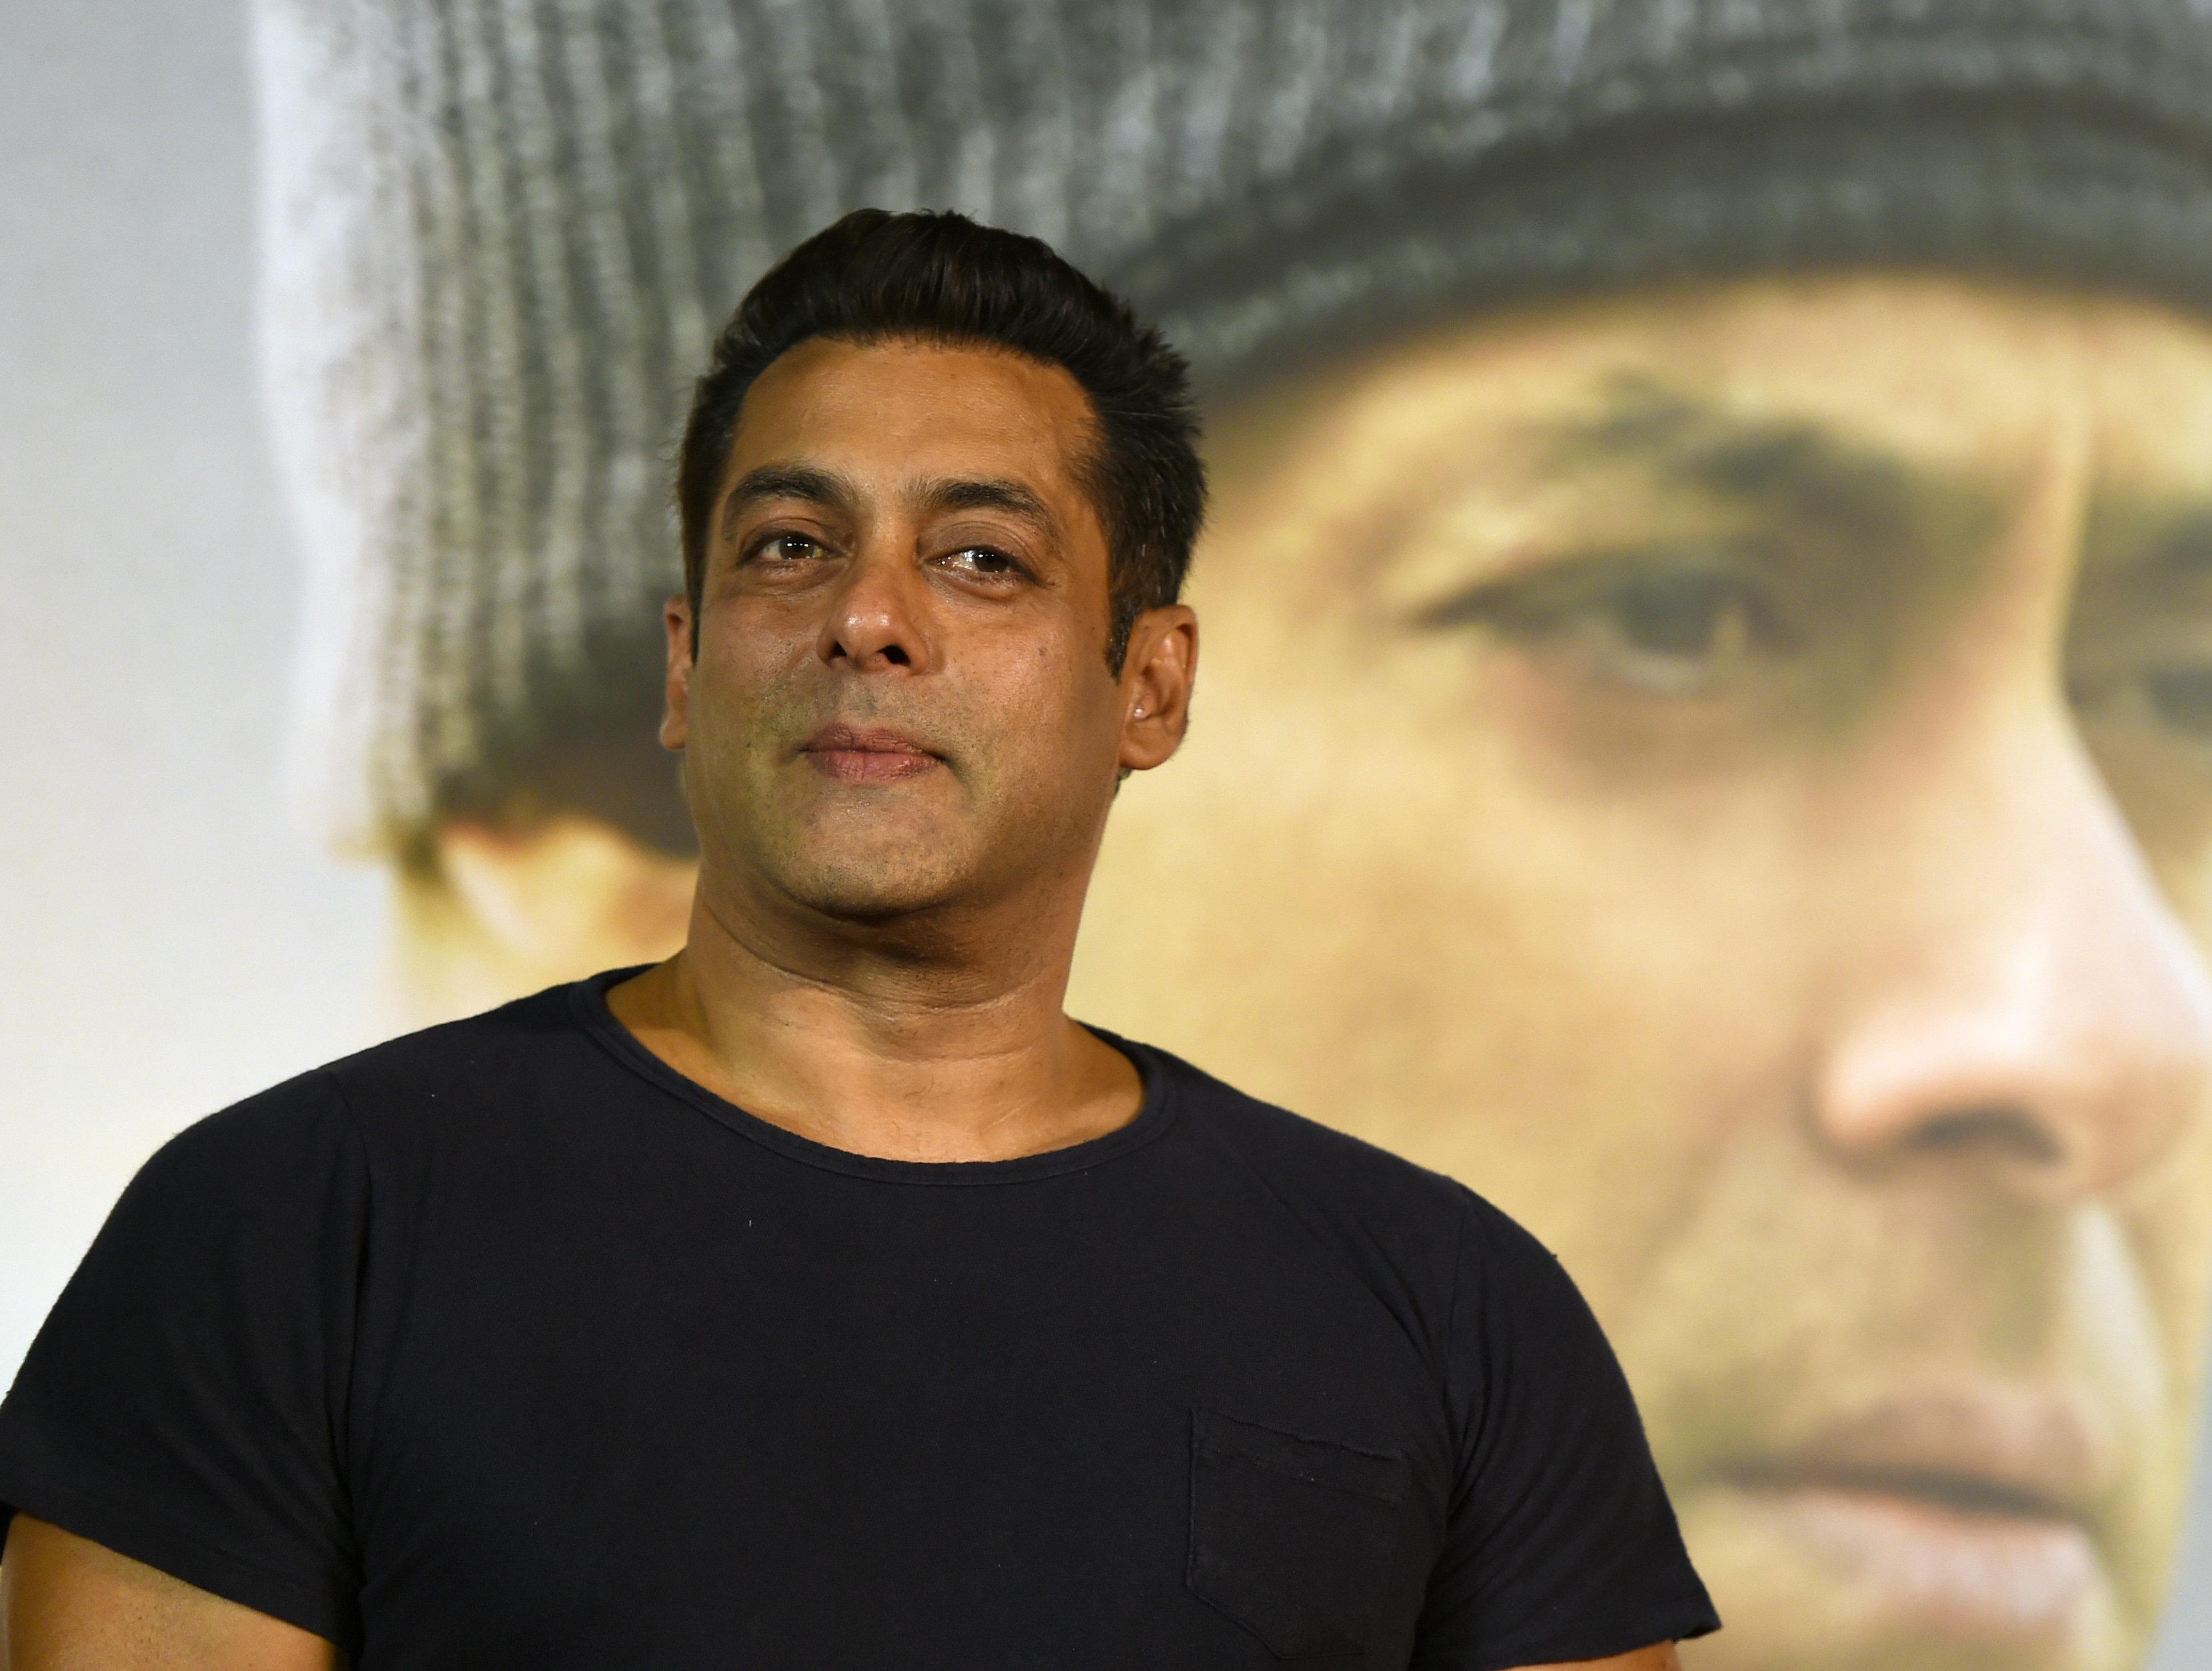 발리우드 유명배우 살만 칸이 징역형을 선고